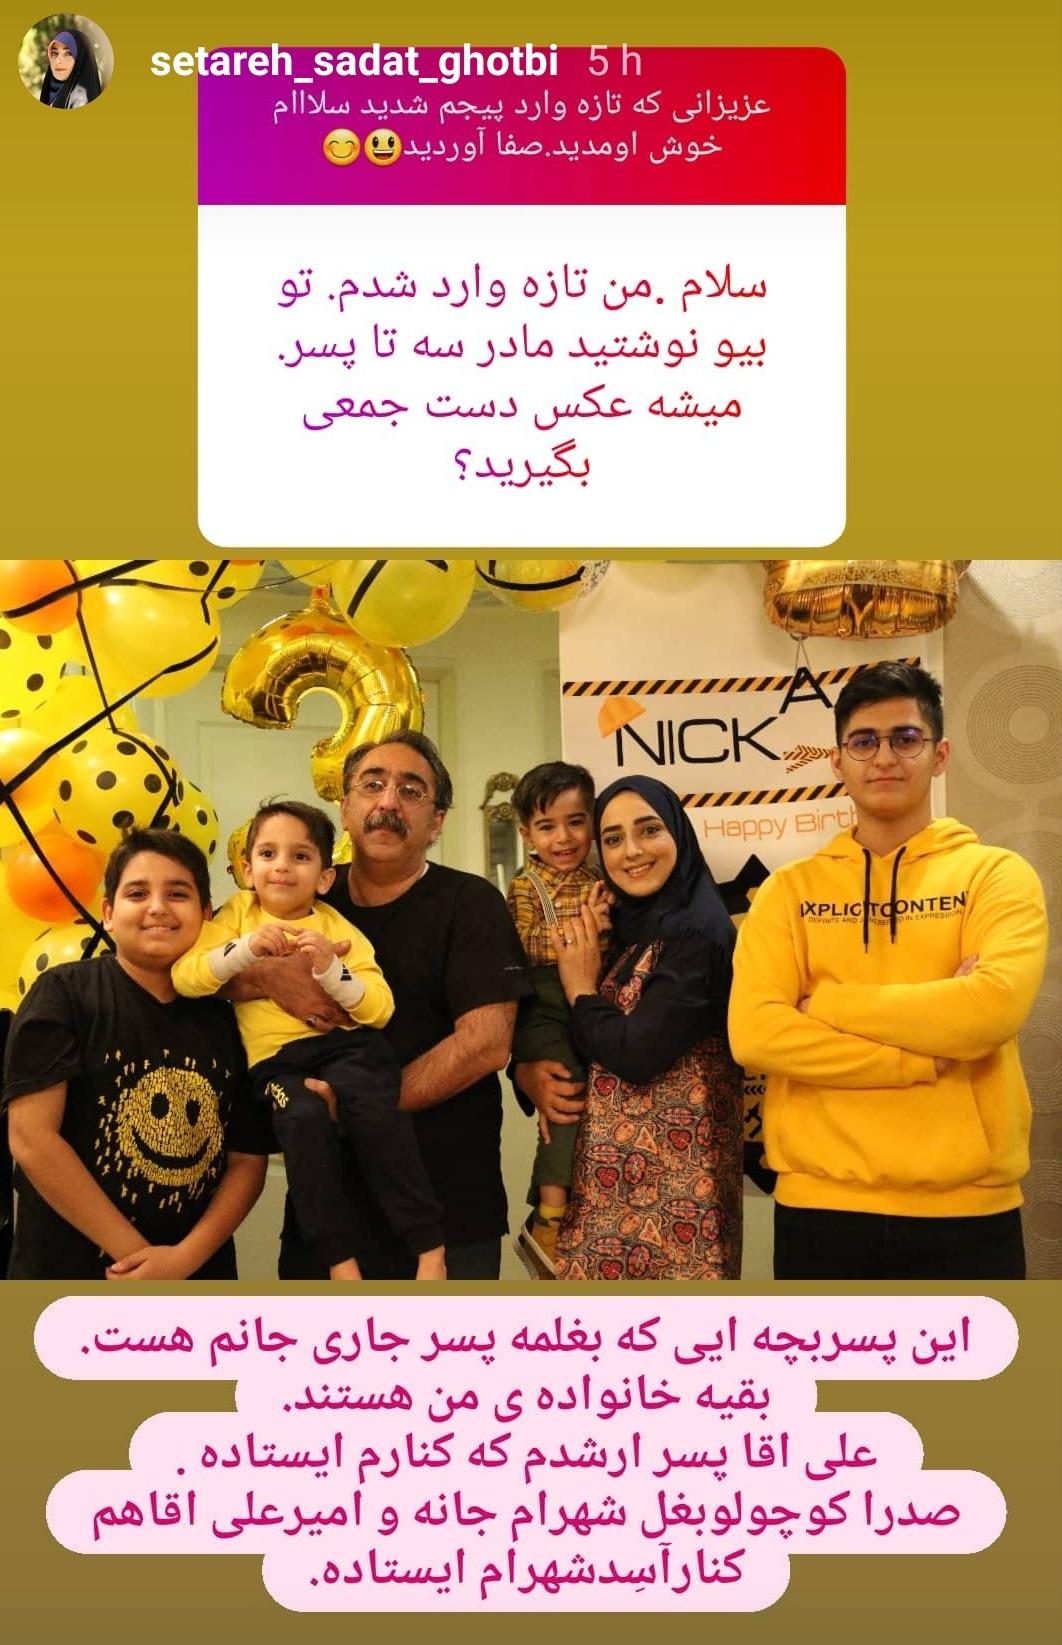 1468211 660 - مجری زن جوان ایرانی که سه پسر دارد + عکس